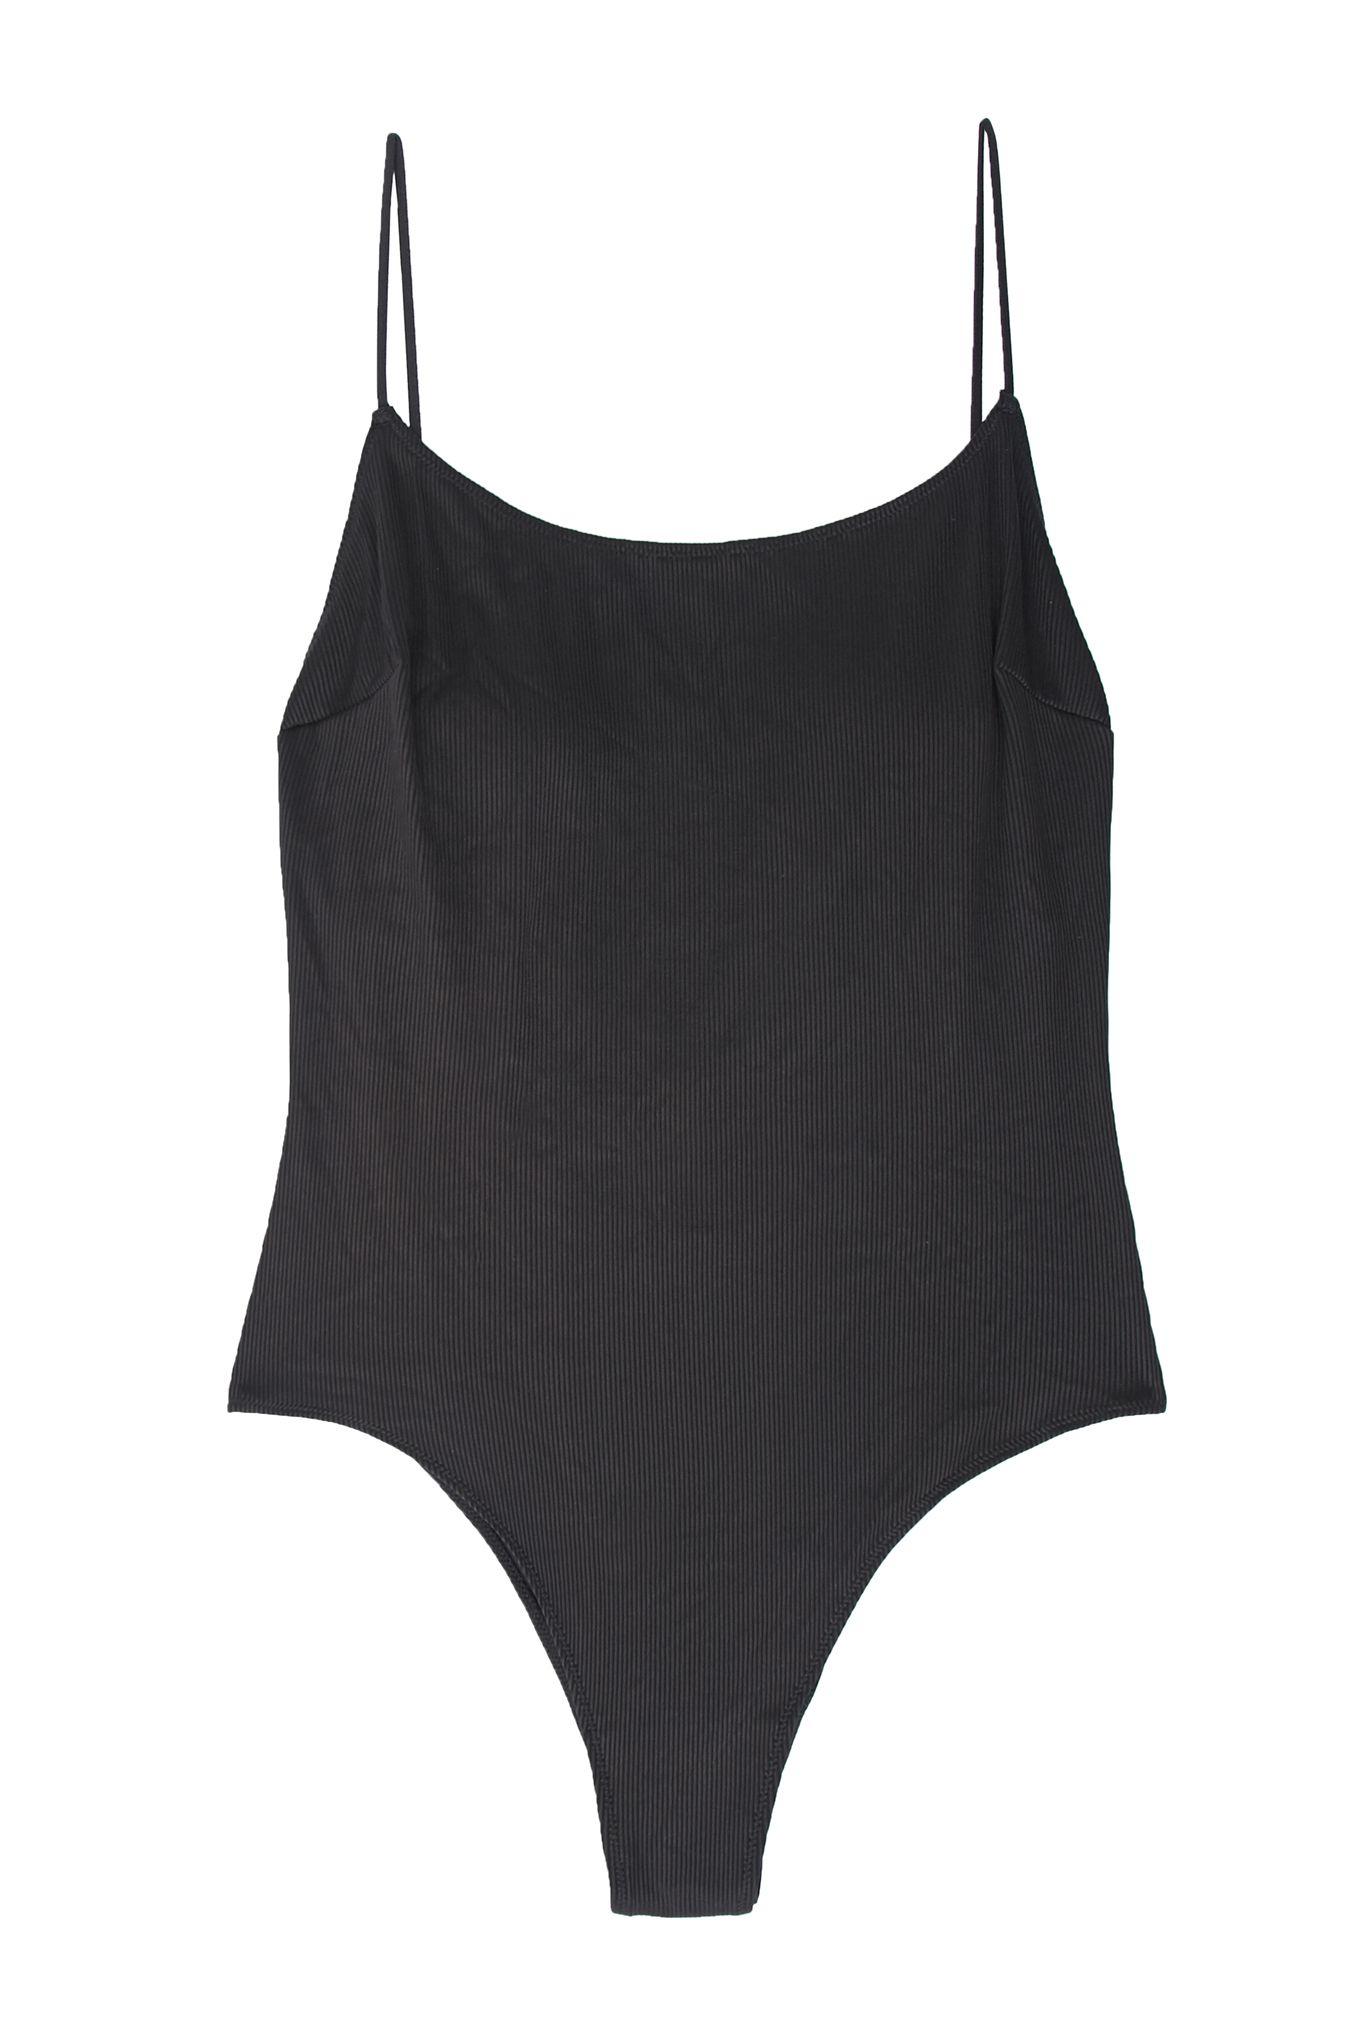 Scopri i costumi da bagno interi per il mare o la piscina più di tendenza per la moda mare 2018 e guarda le immagini della gallery e scopri i modelli più eleganti da indossare in spiaggia.